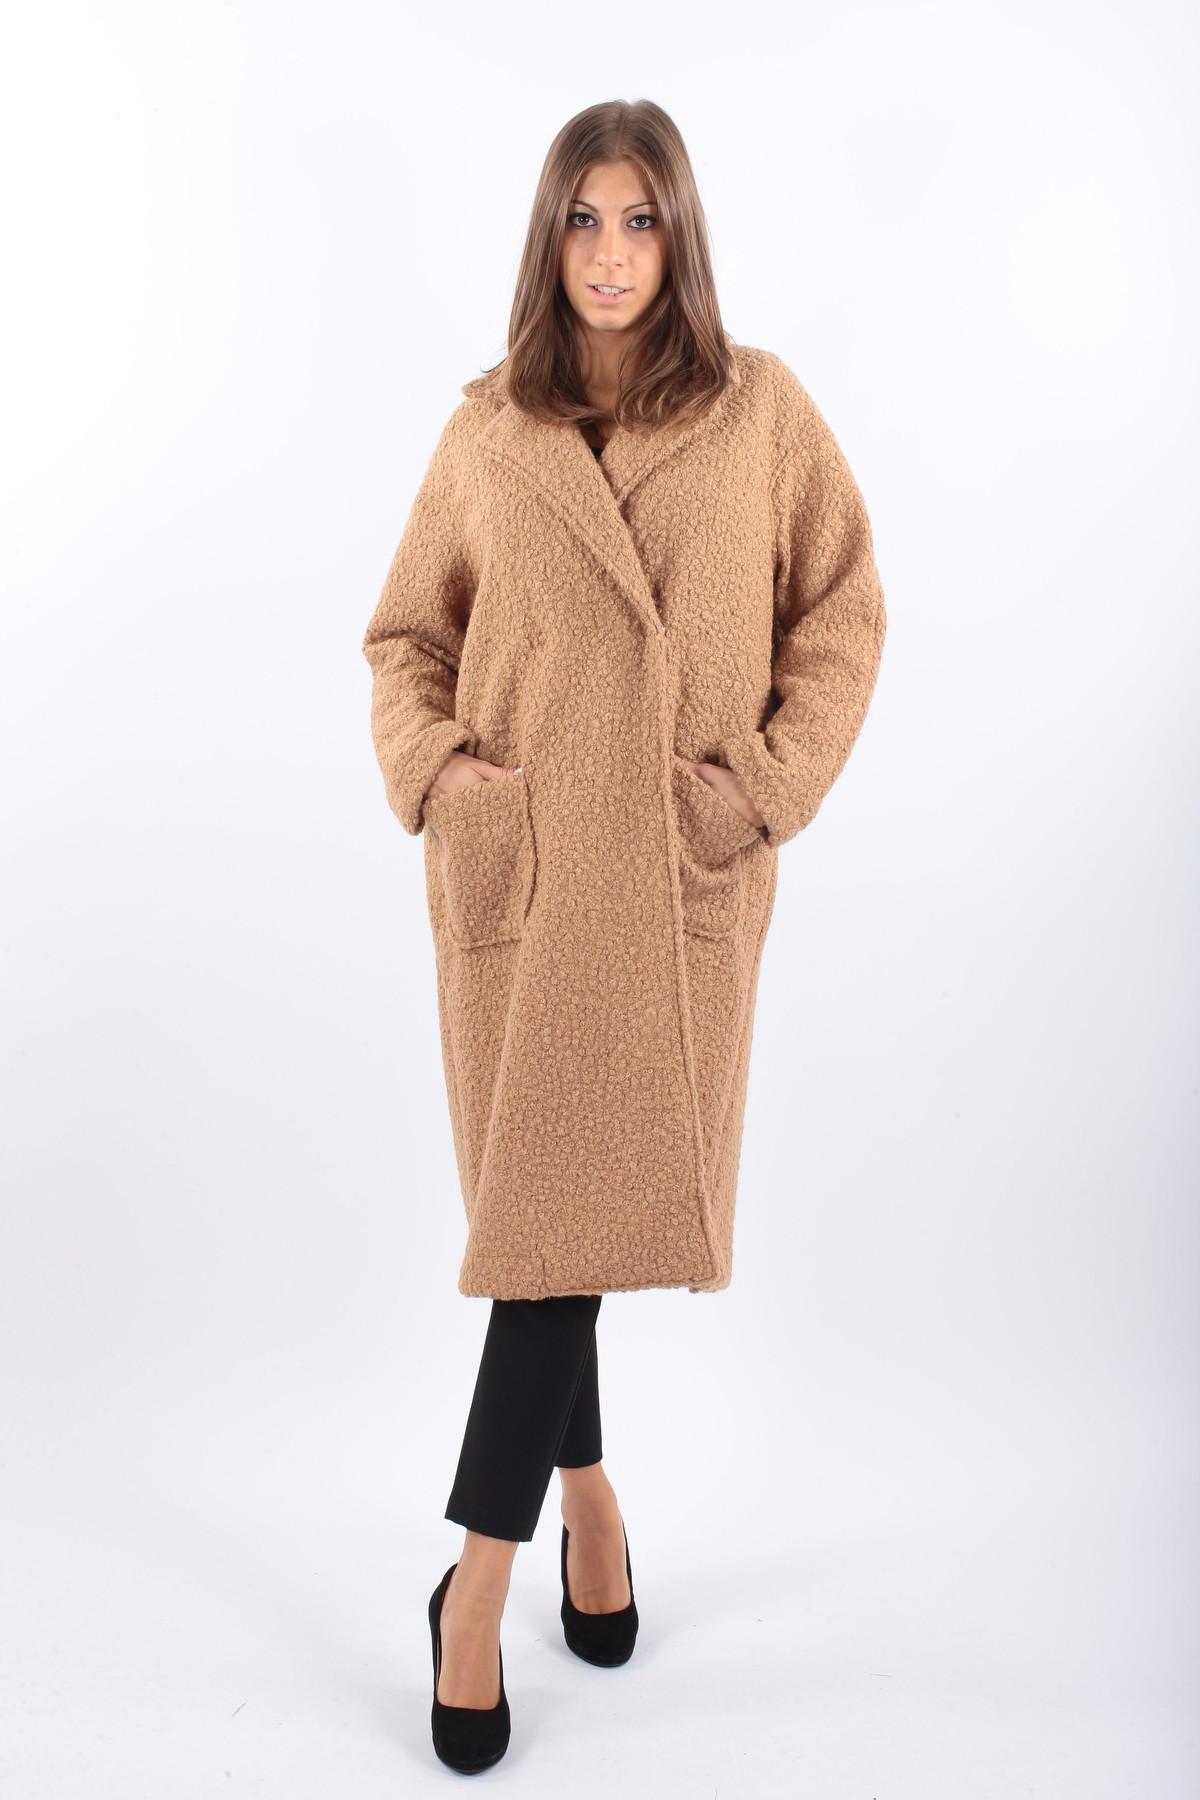 CAPPOTTO IN TESSUTO BUCLET da donna - CAMMELLO - Paquito Pronto Moda Shop Online